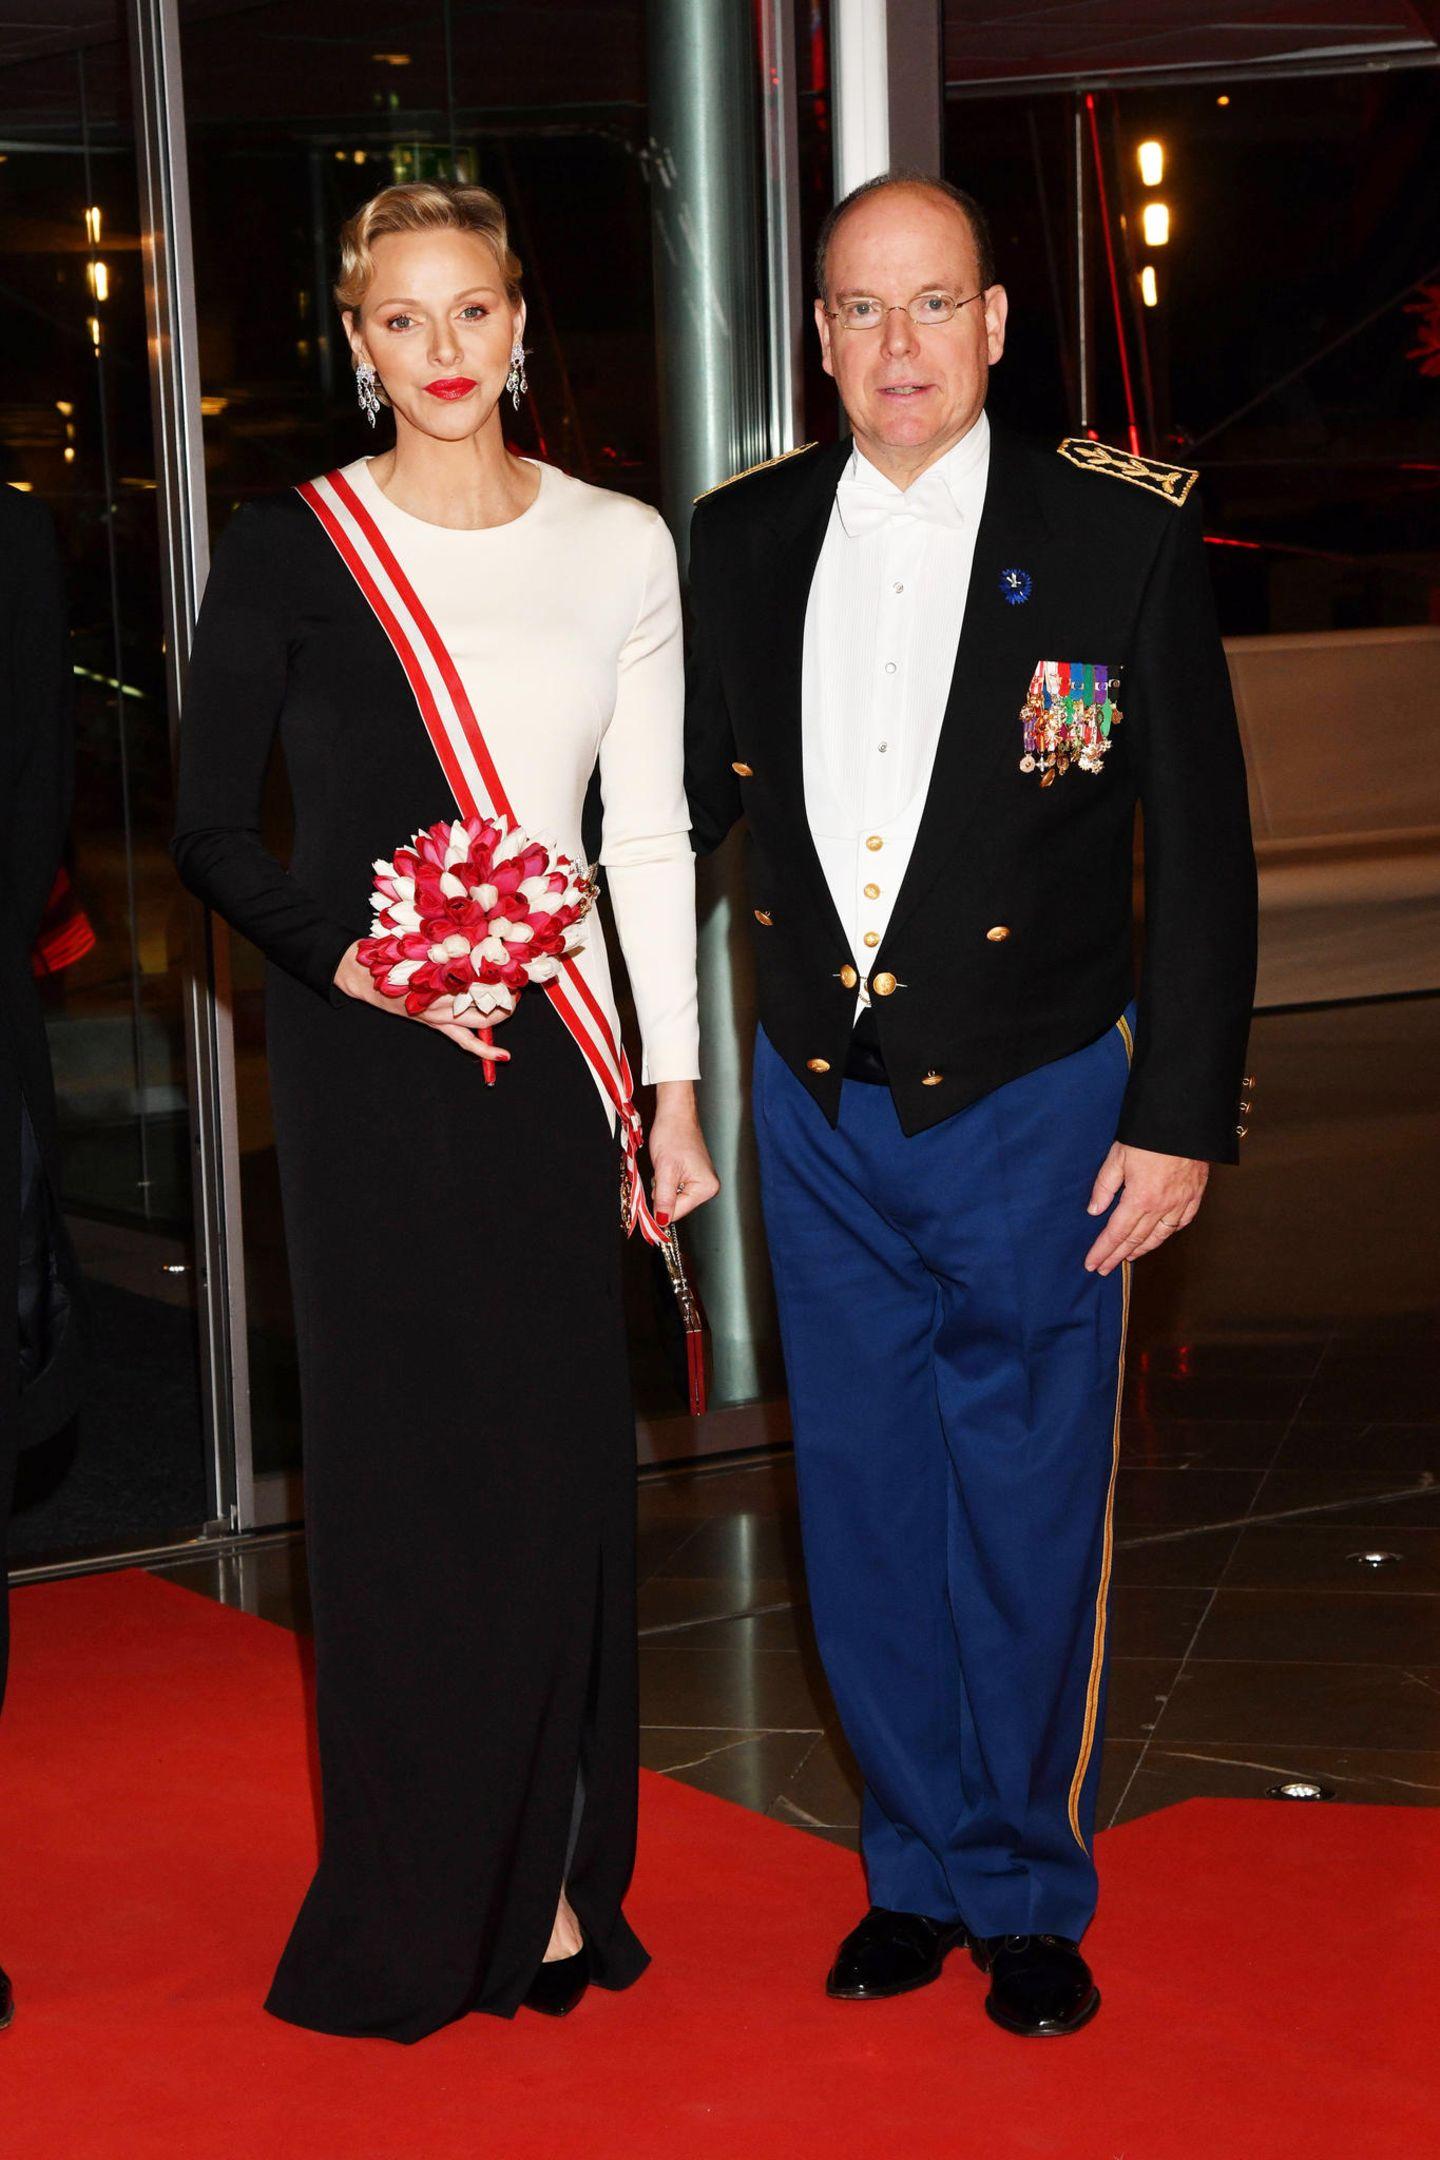 Auch am Abend des Nationalfeiertages in Monaco trägtCharlène zur Gala ein schwarz-weißes Abendkleid. Lediglich ihre rote Schärpe und ihr roten Lippensorgenfür einen kleinen Farbtupfer.